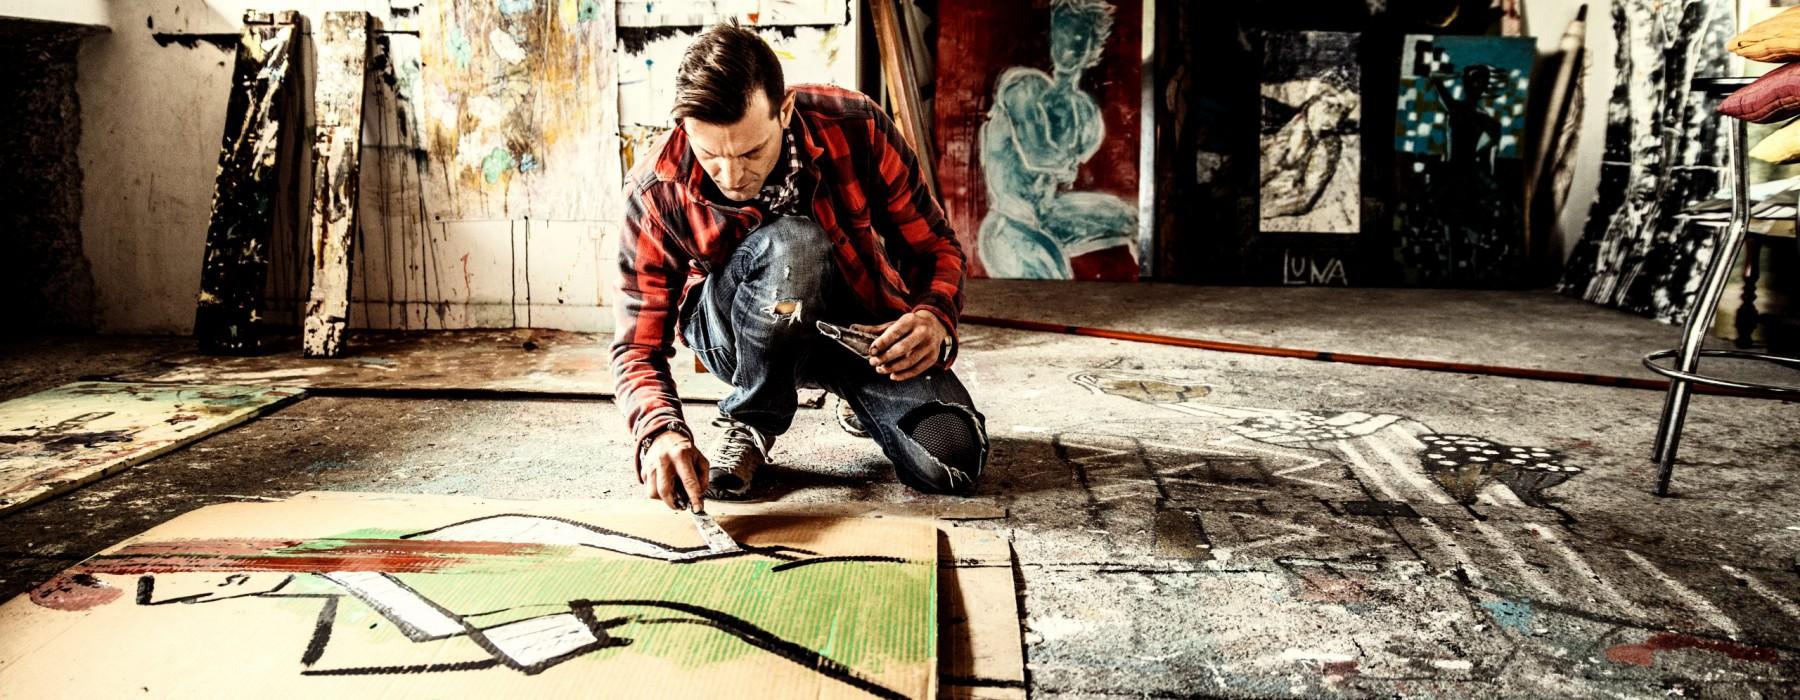 Artiest in zijn atelier